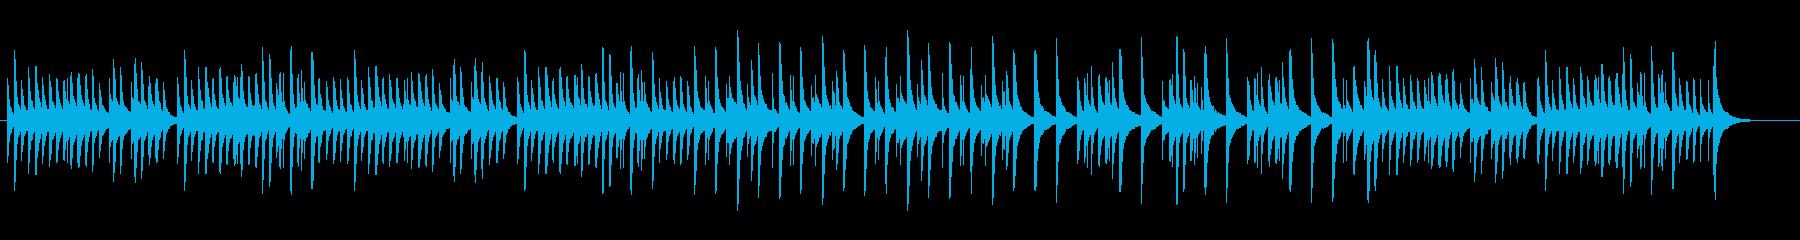 可愛いオルゴール、シシリエンヌの再生済みの波形